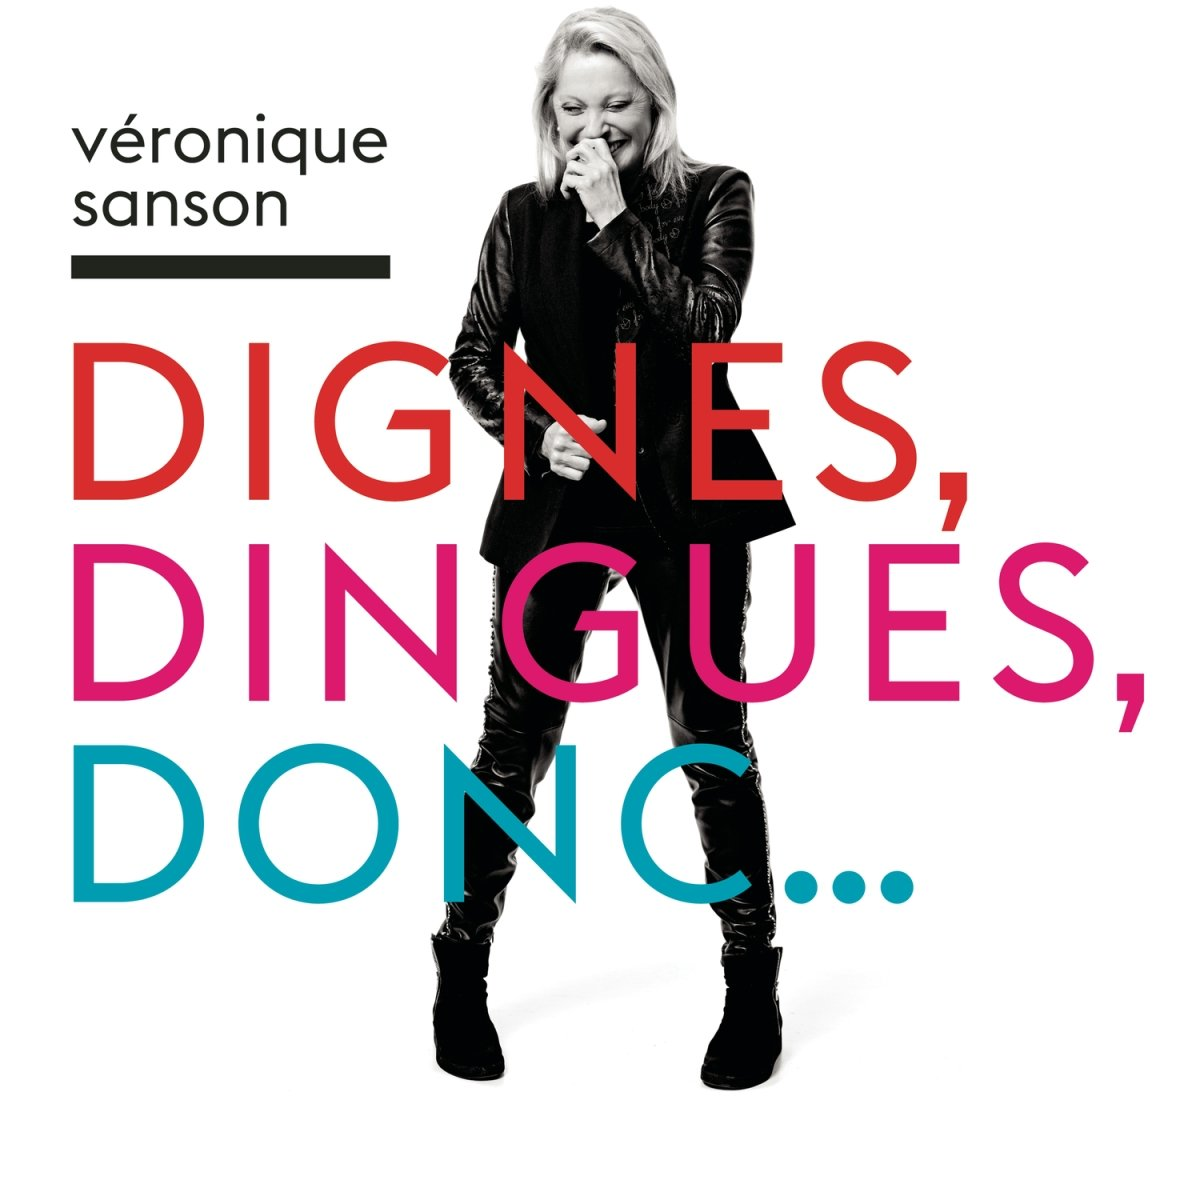 Véronique Sanson - Dignes, Dingues, Donc... [2016]